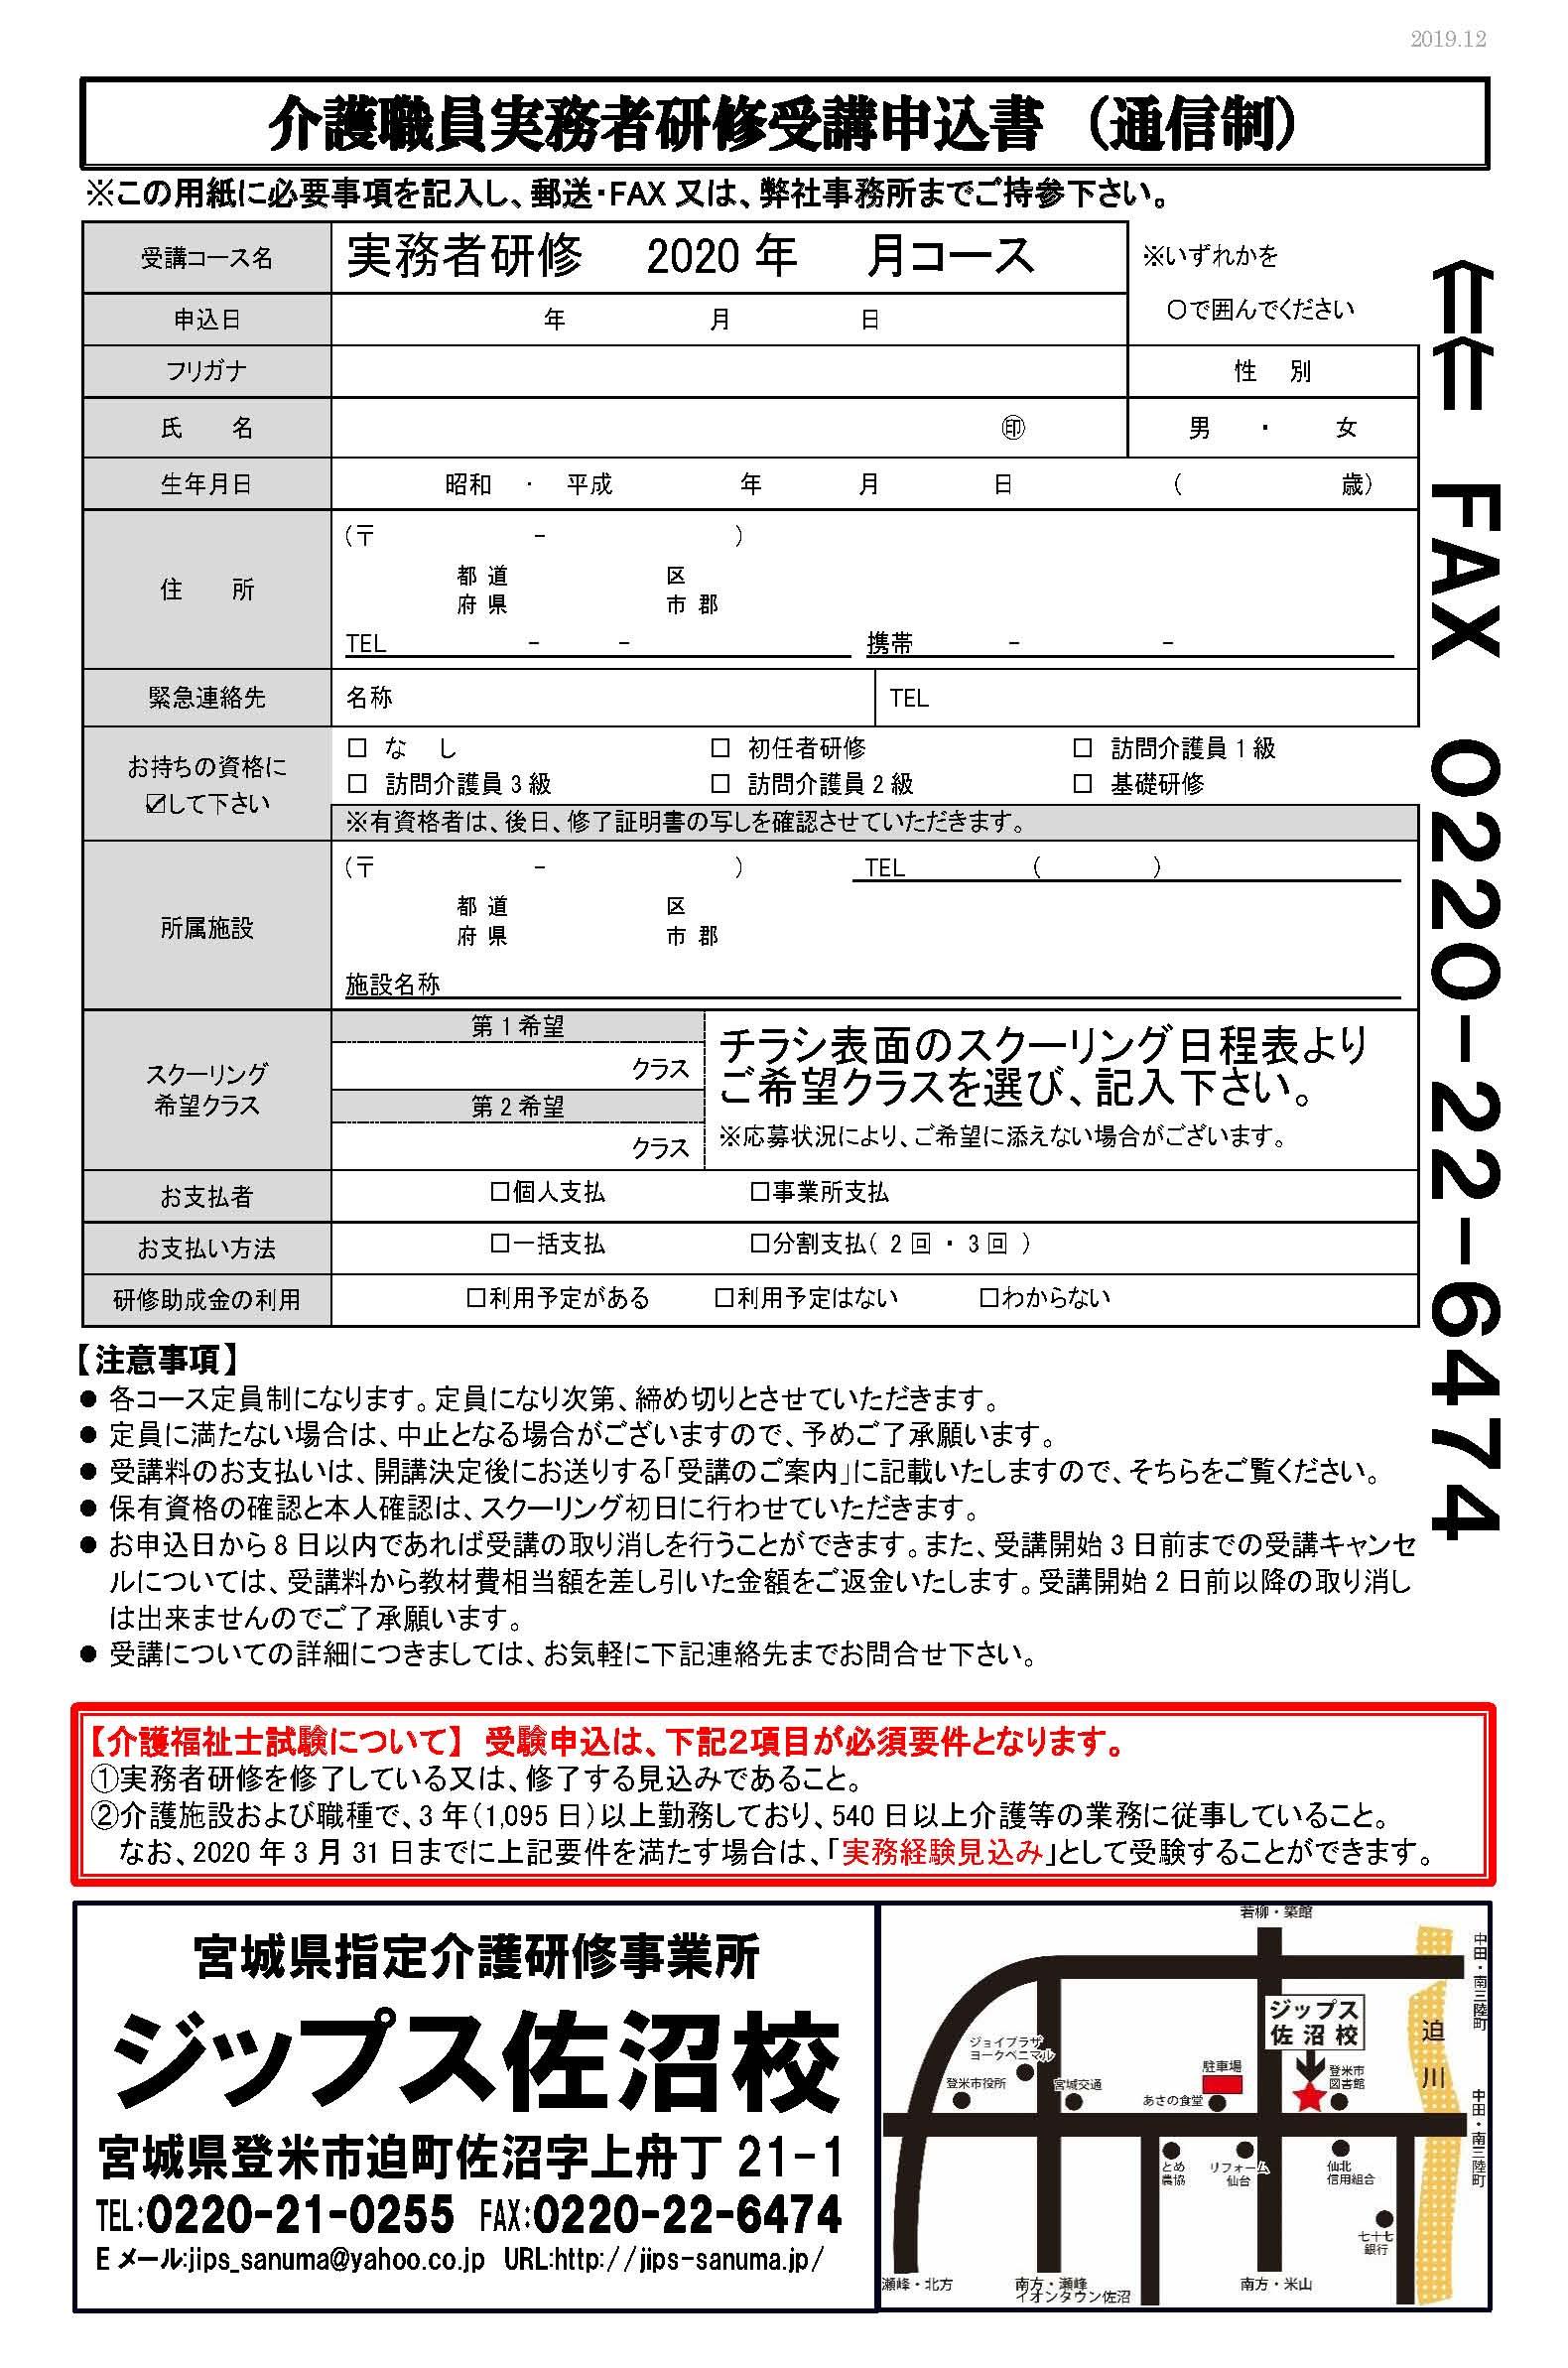 実務者総合チラシ2020年年間スケジュール版_ページ_2